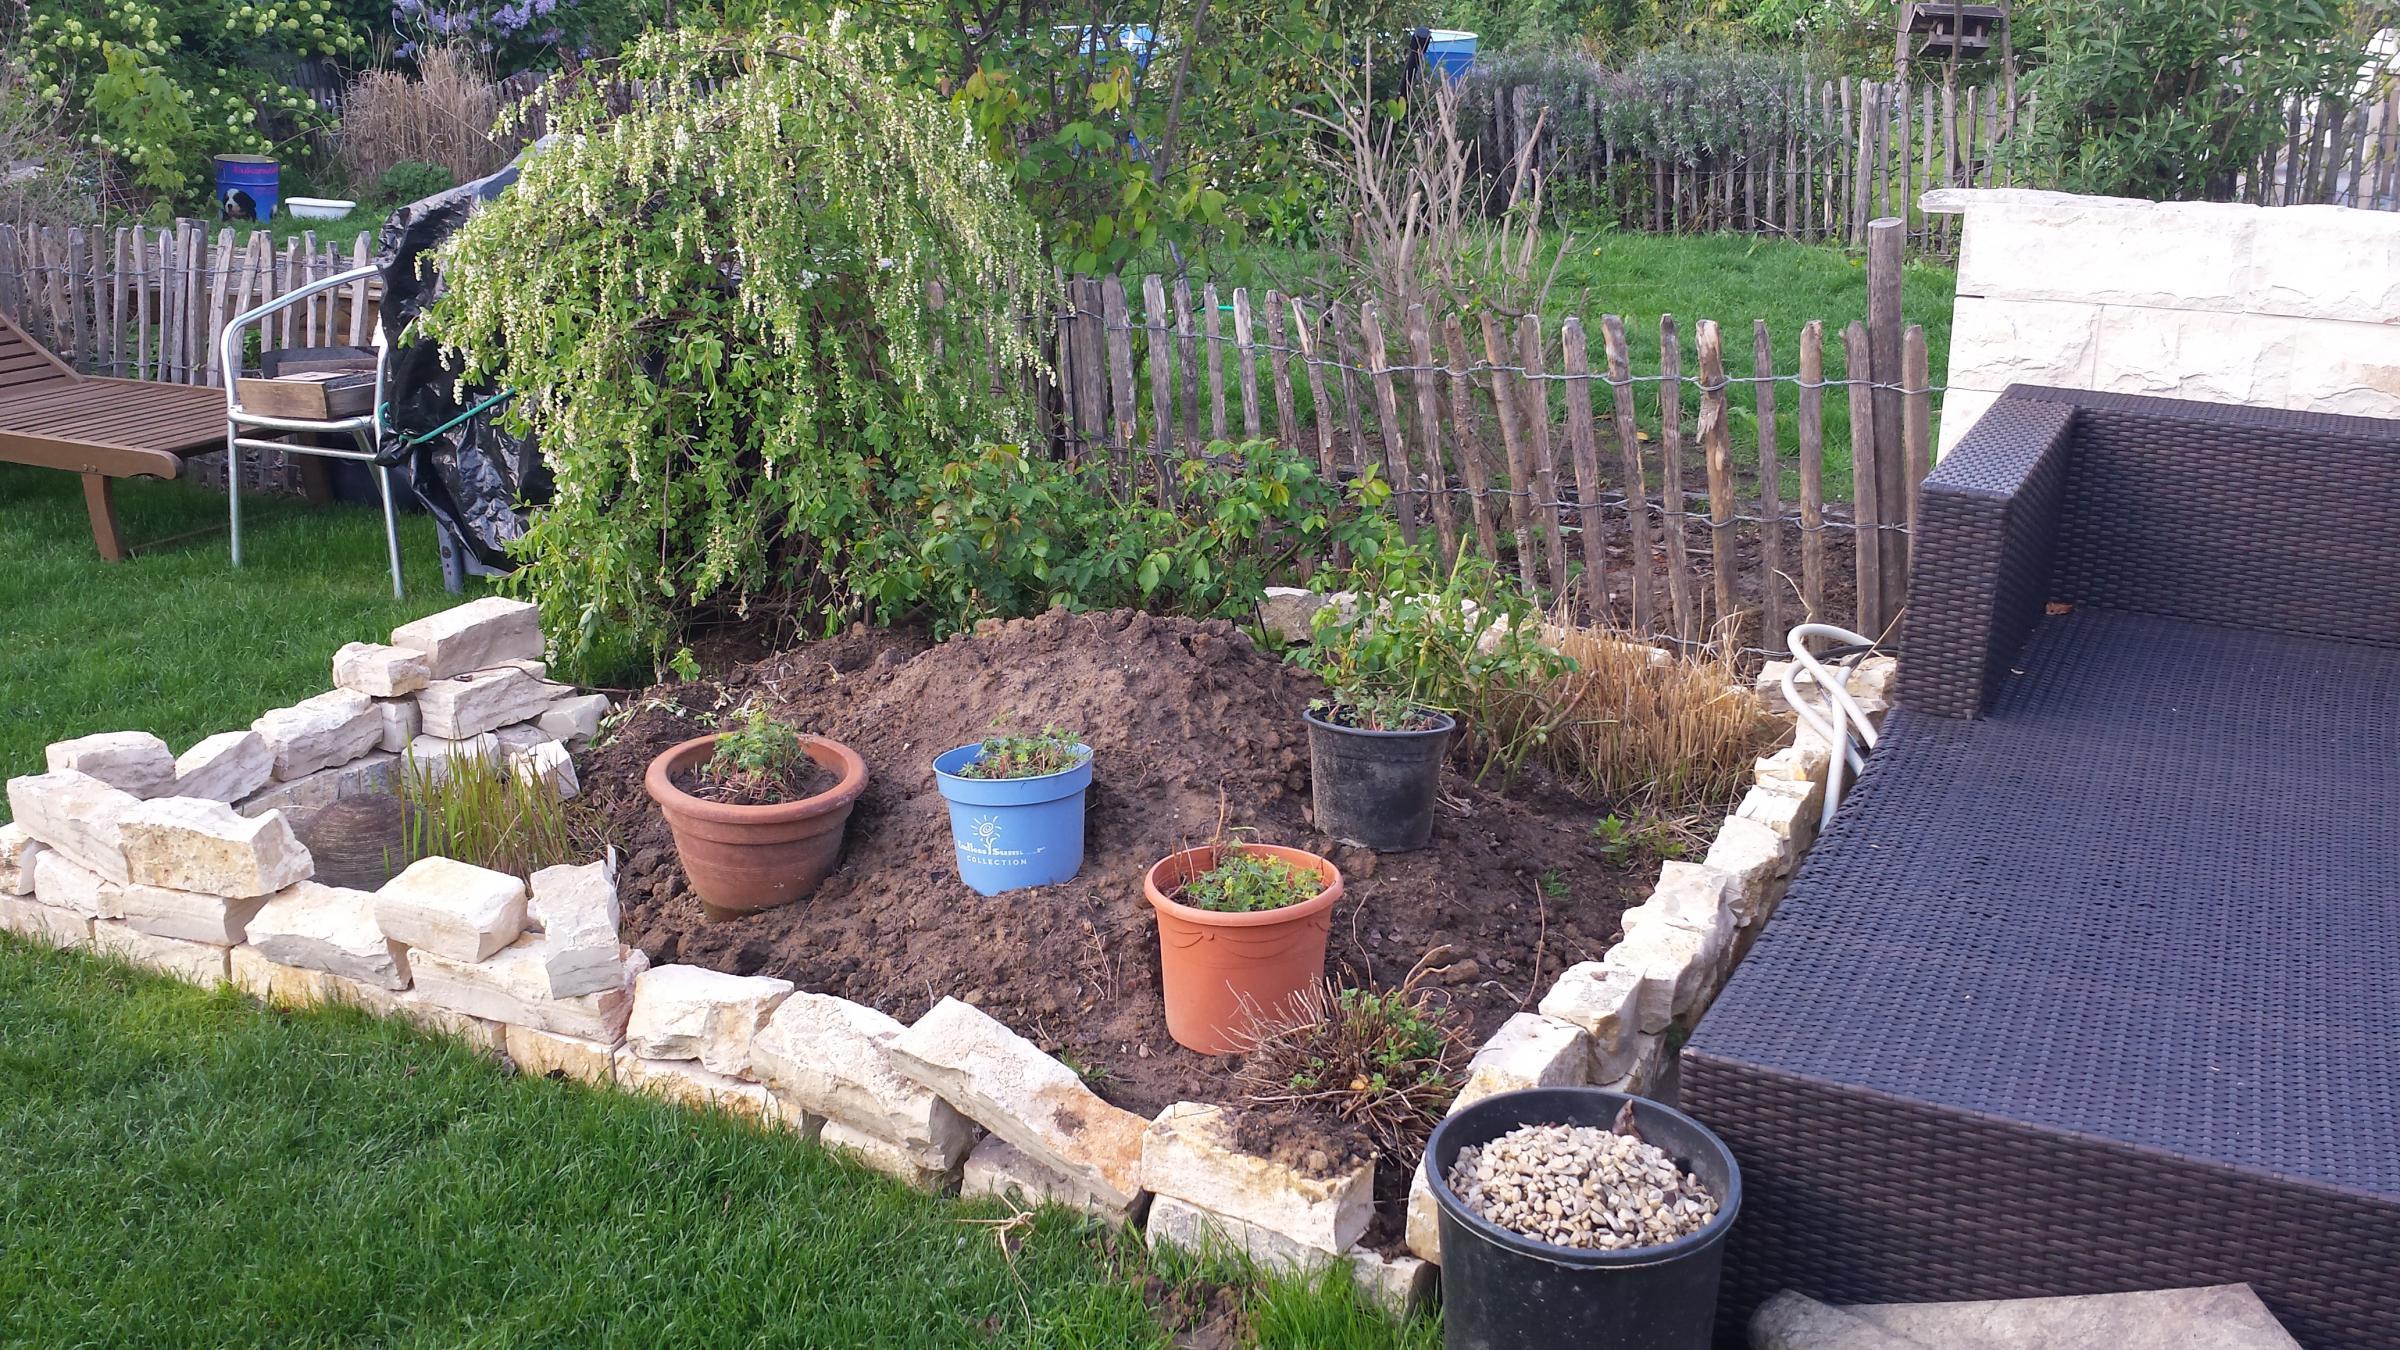 Kleines Beet mit Miniteich und Steinen - Hilfe benötigt - Garten ...